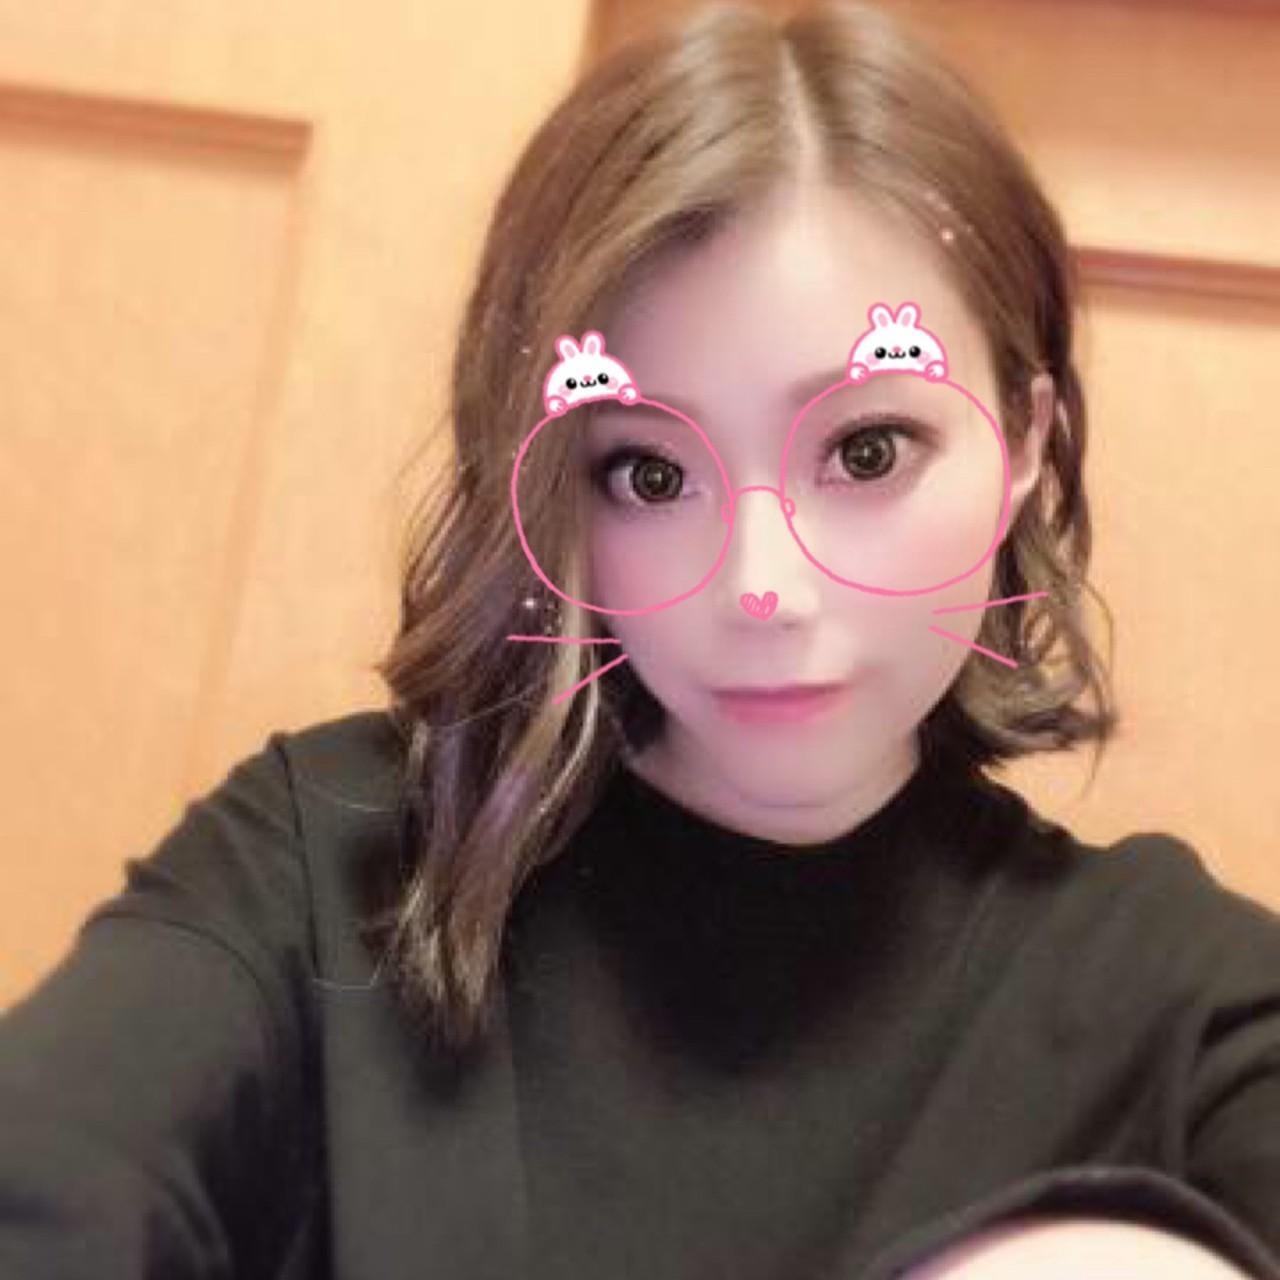 「出勤☆」02/20(02/20) 17:09 | Gumi-グミ-の写メ・風俗動画